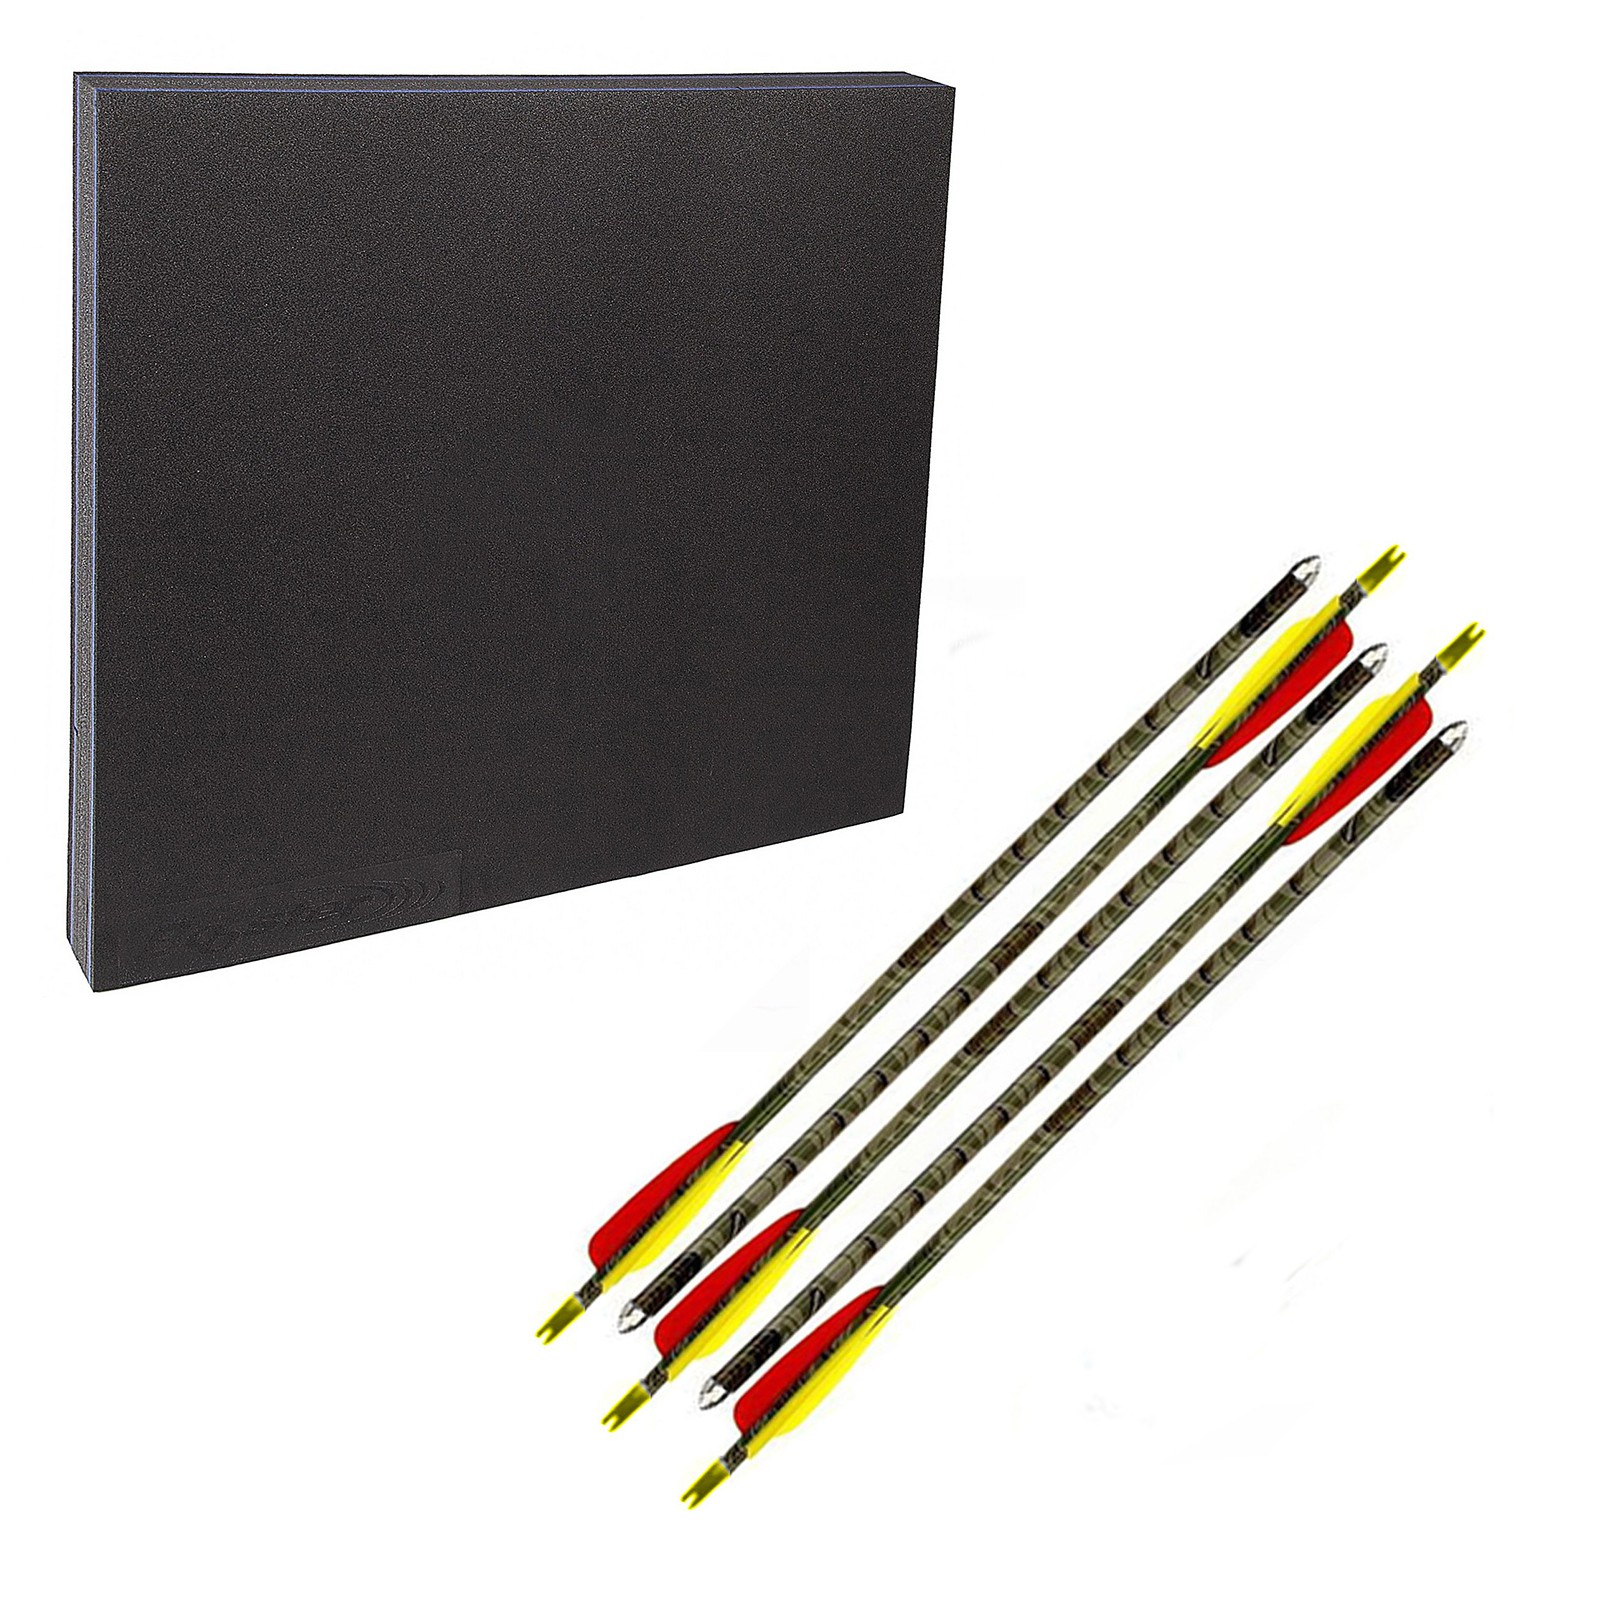 Kit Battifreccia gomma schiuma sintetico 5 Frecce alluminio punta acciaio